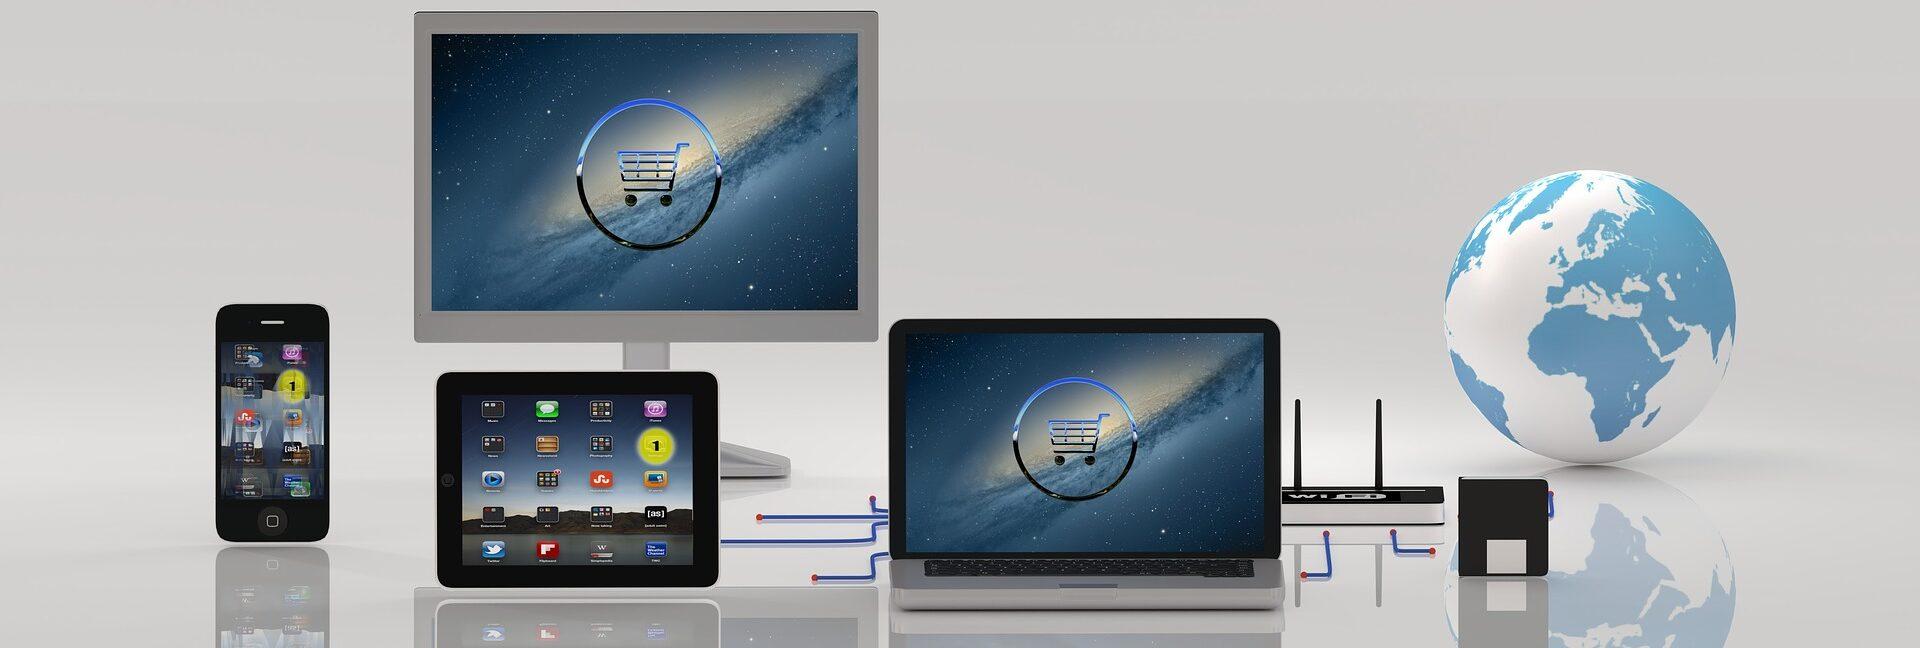 ecommerce web design abu dhabi